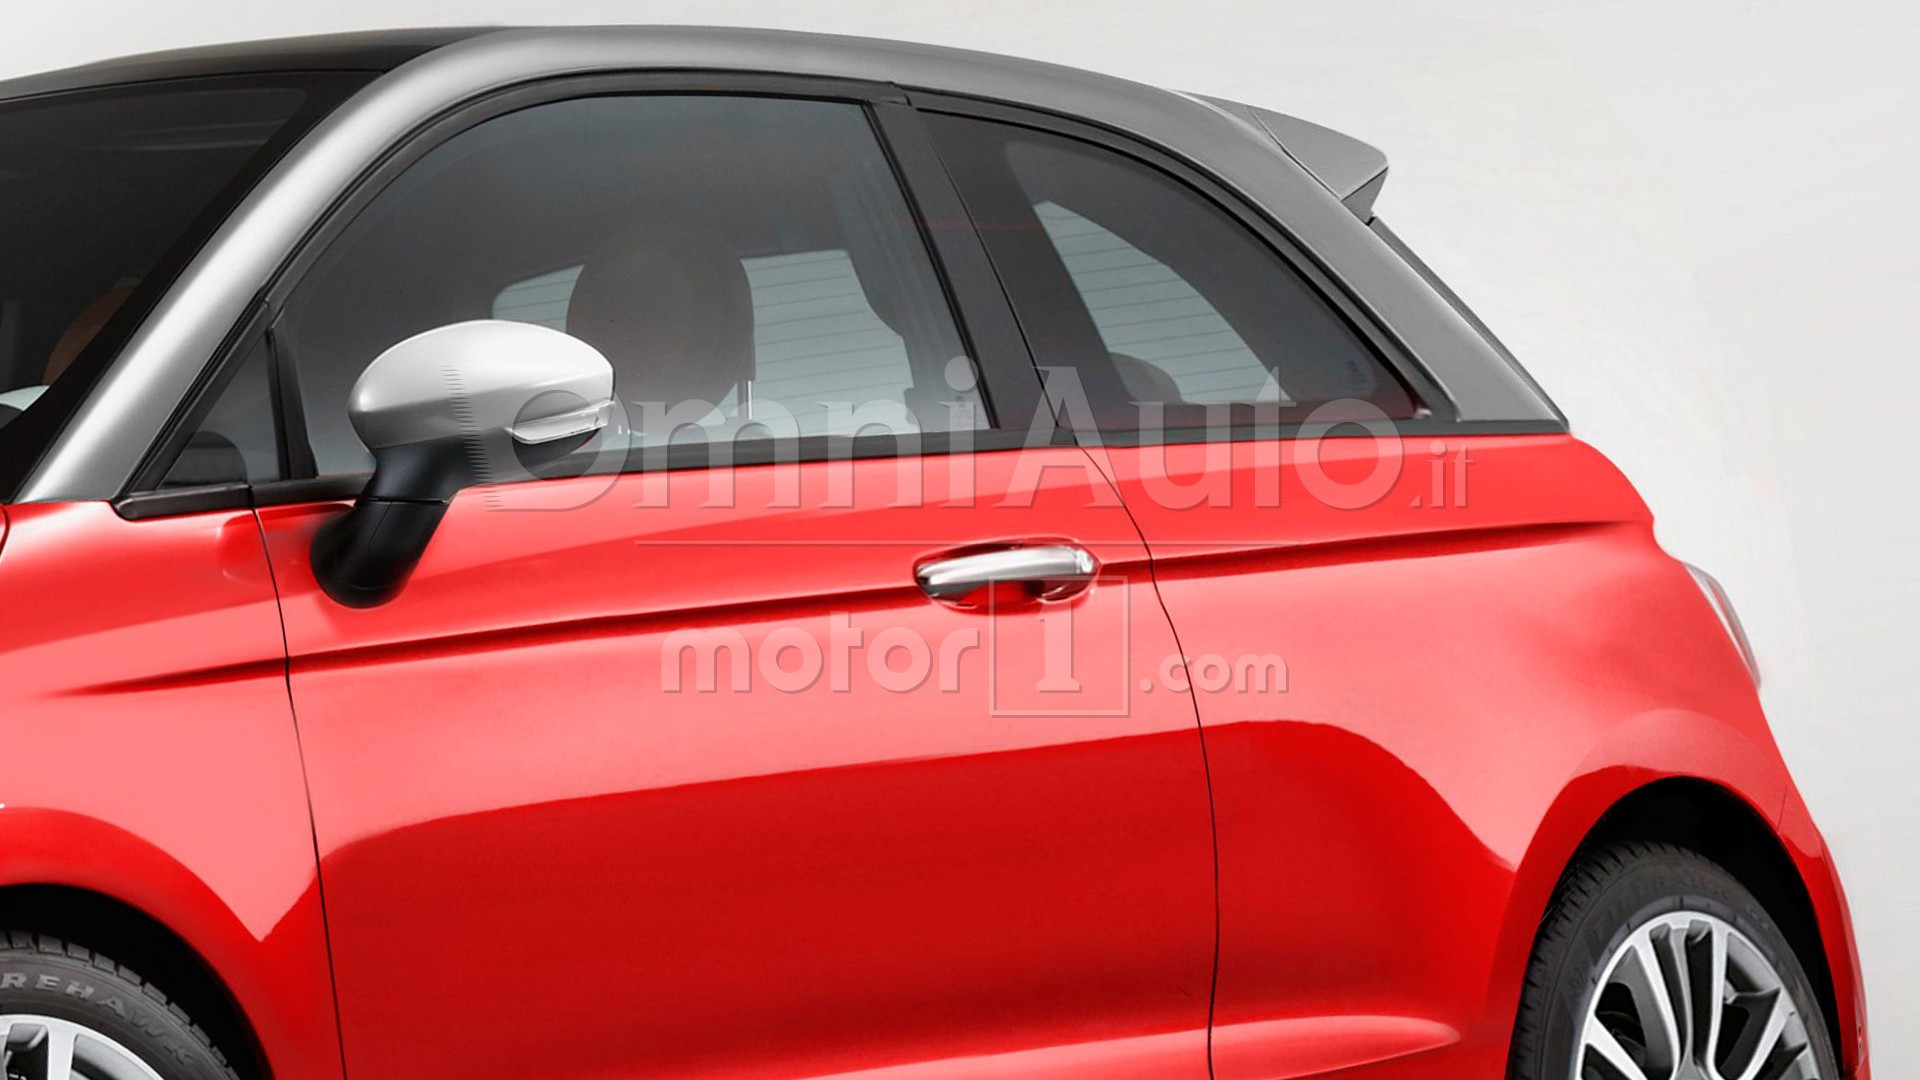 Nuova Fiat 500 Per Il 2019 Allunga Il Passo